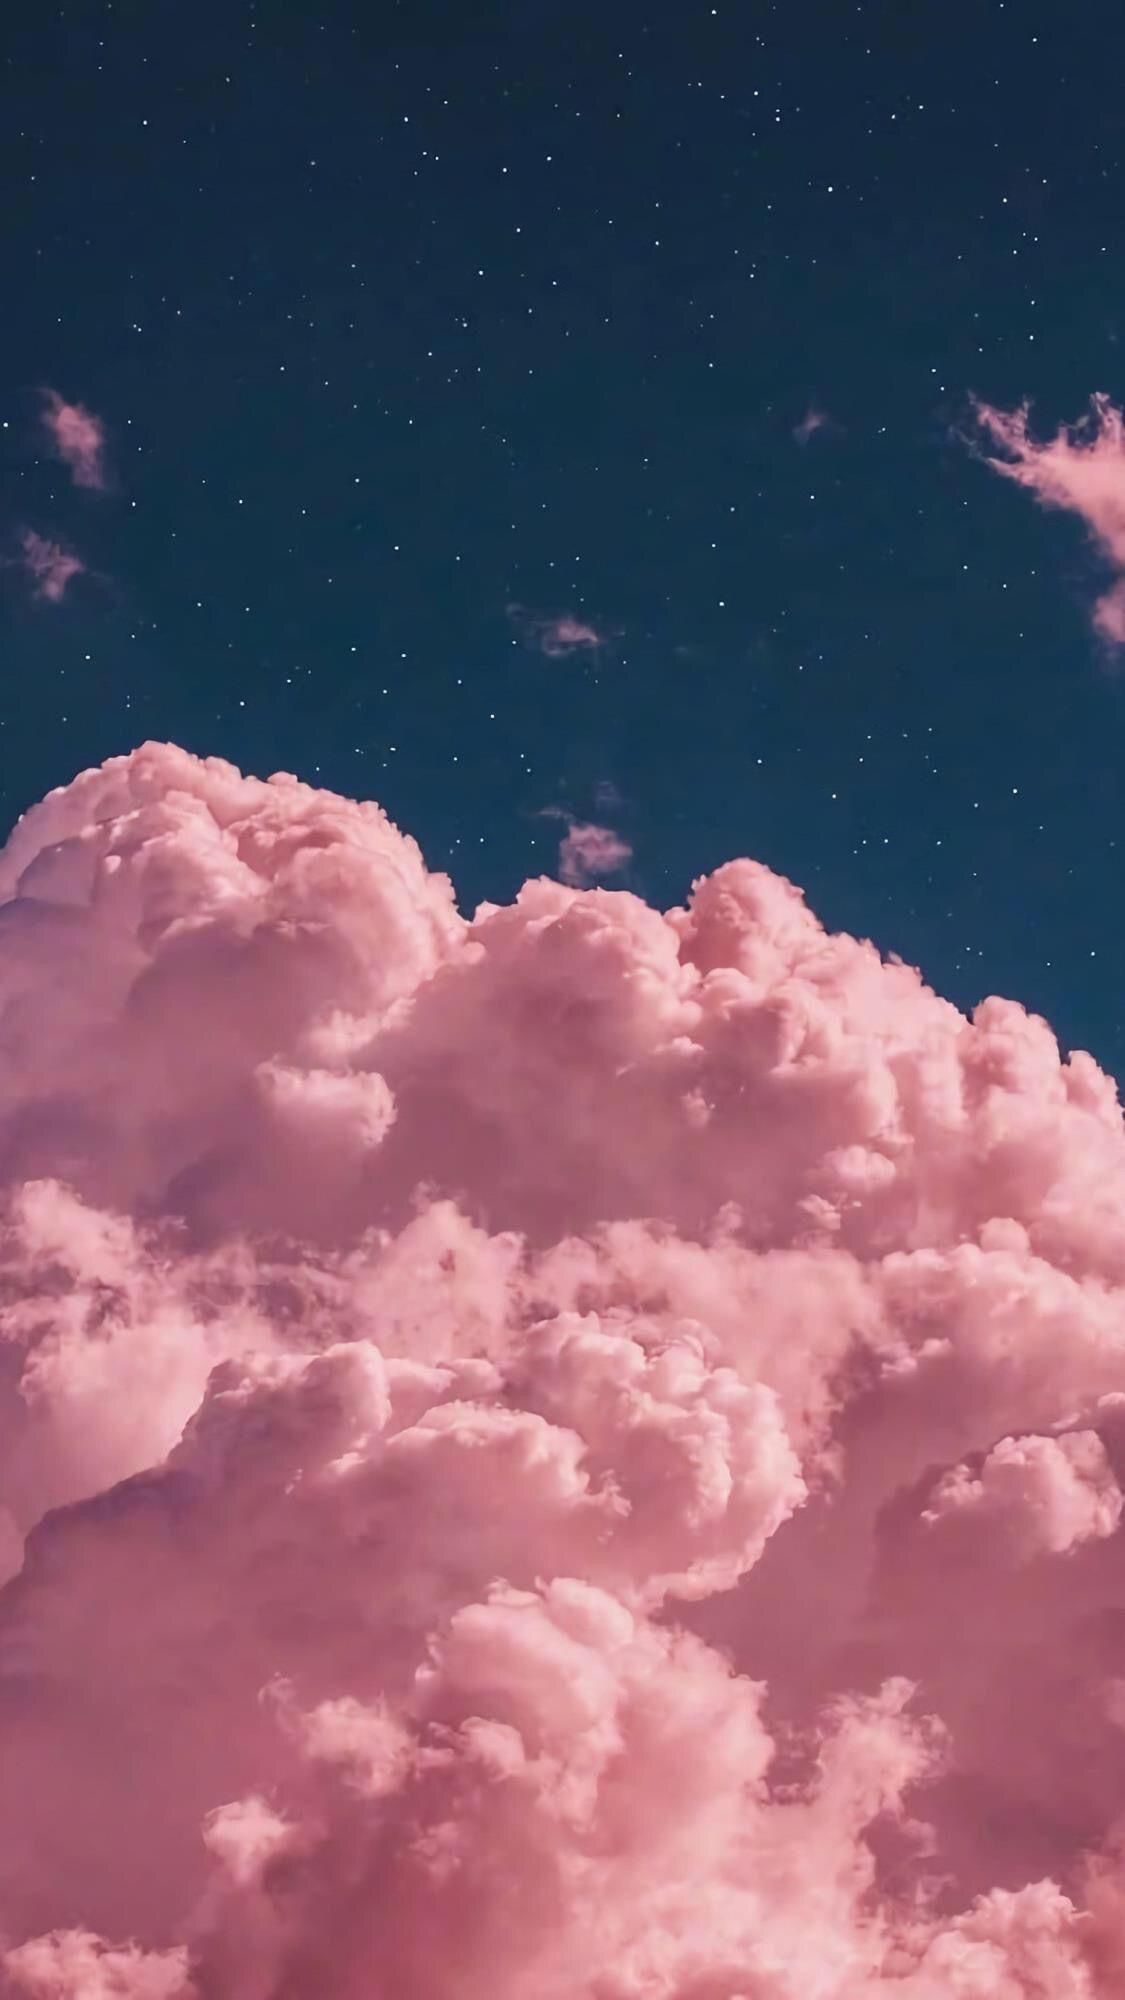 Pink Morandi Wallpaper iphone